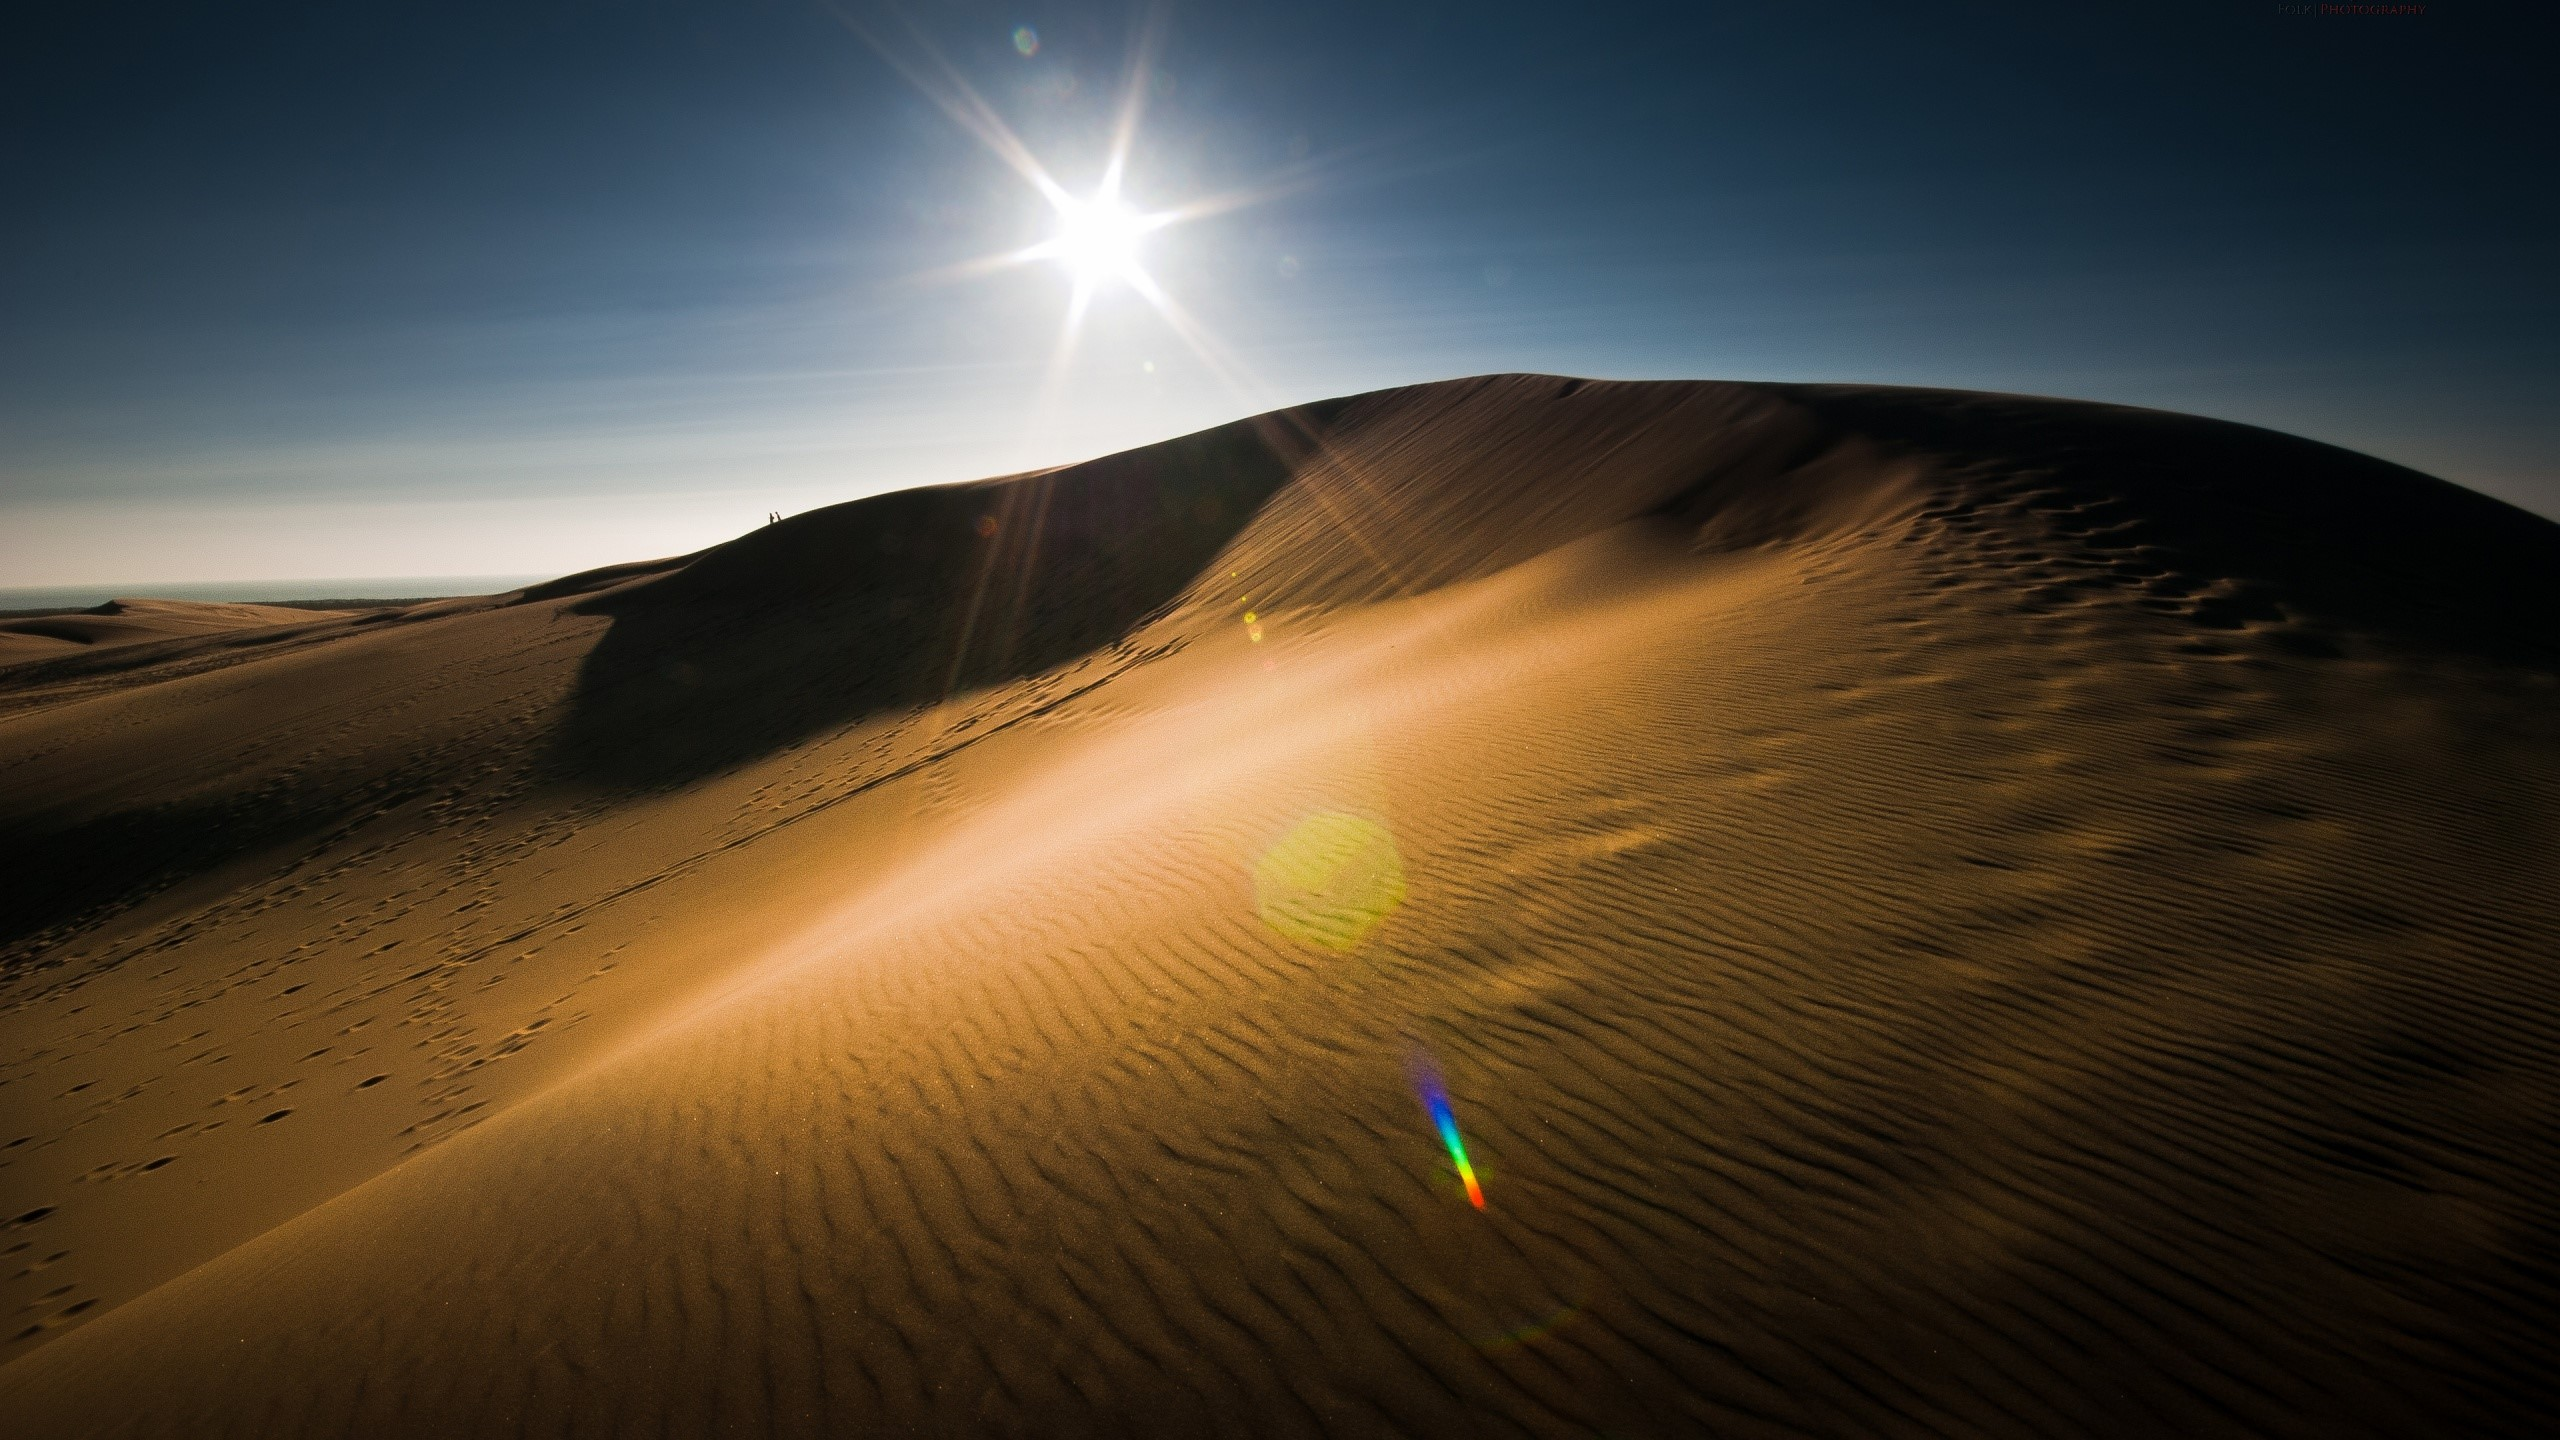 Fondos de pantalla El sol en el desierto